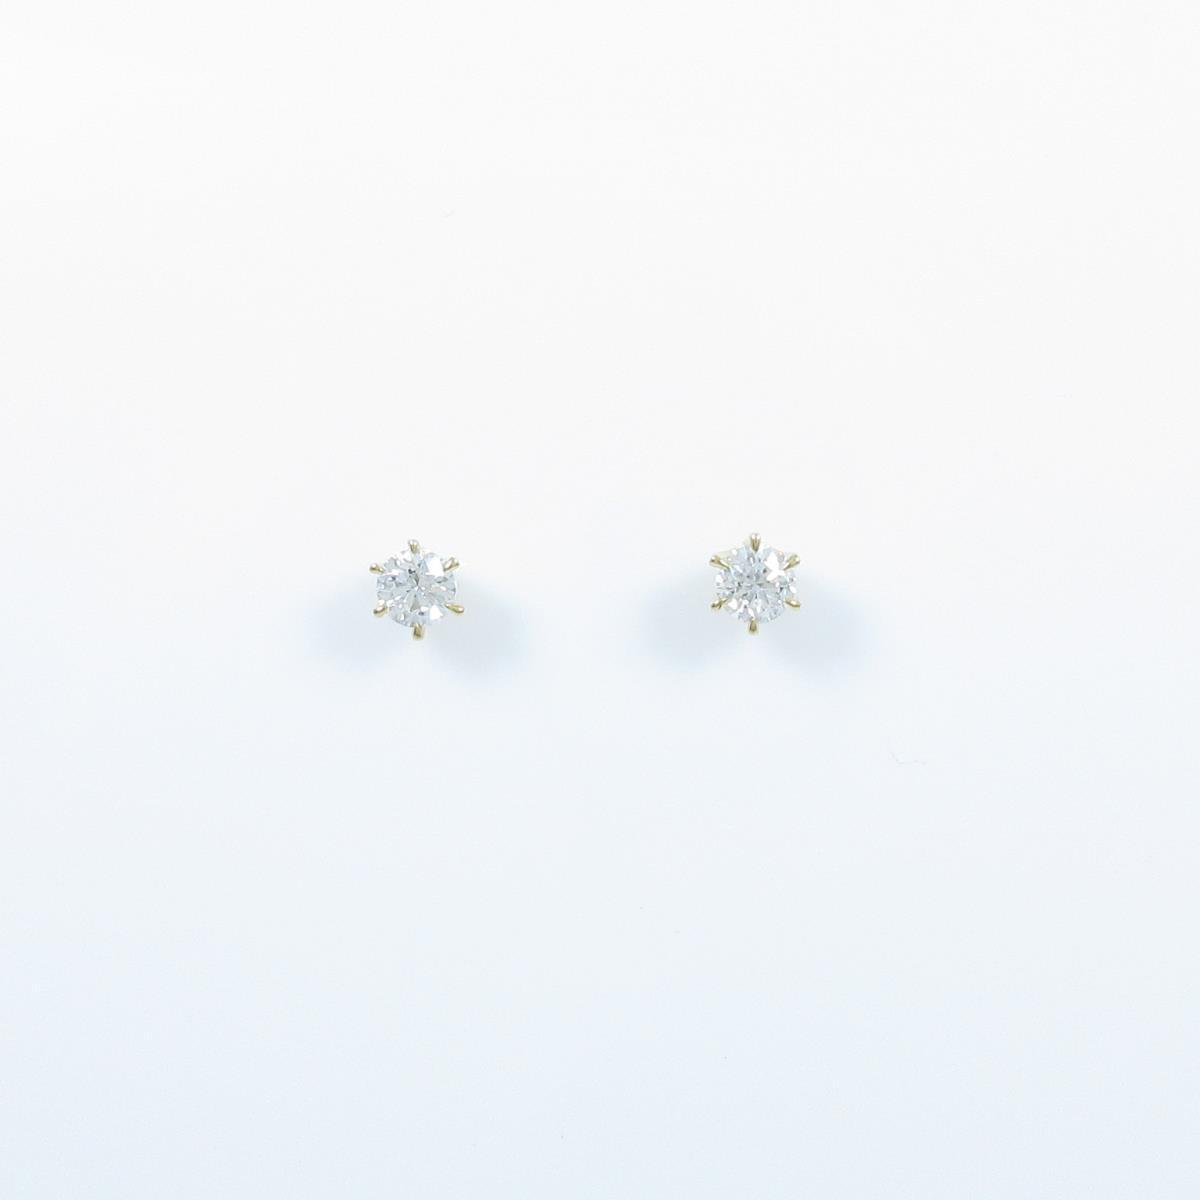 【新品】K18YG ダイヤモンドピアス 0.203ct・0.200ct・E・SI2・GOOD【新品】